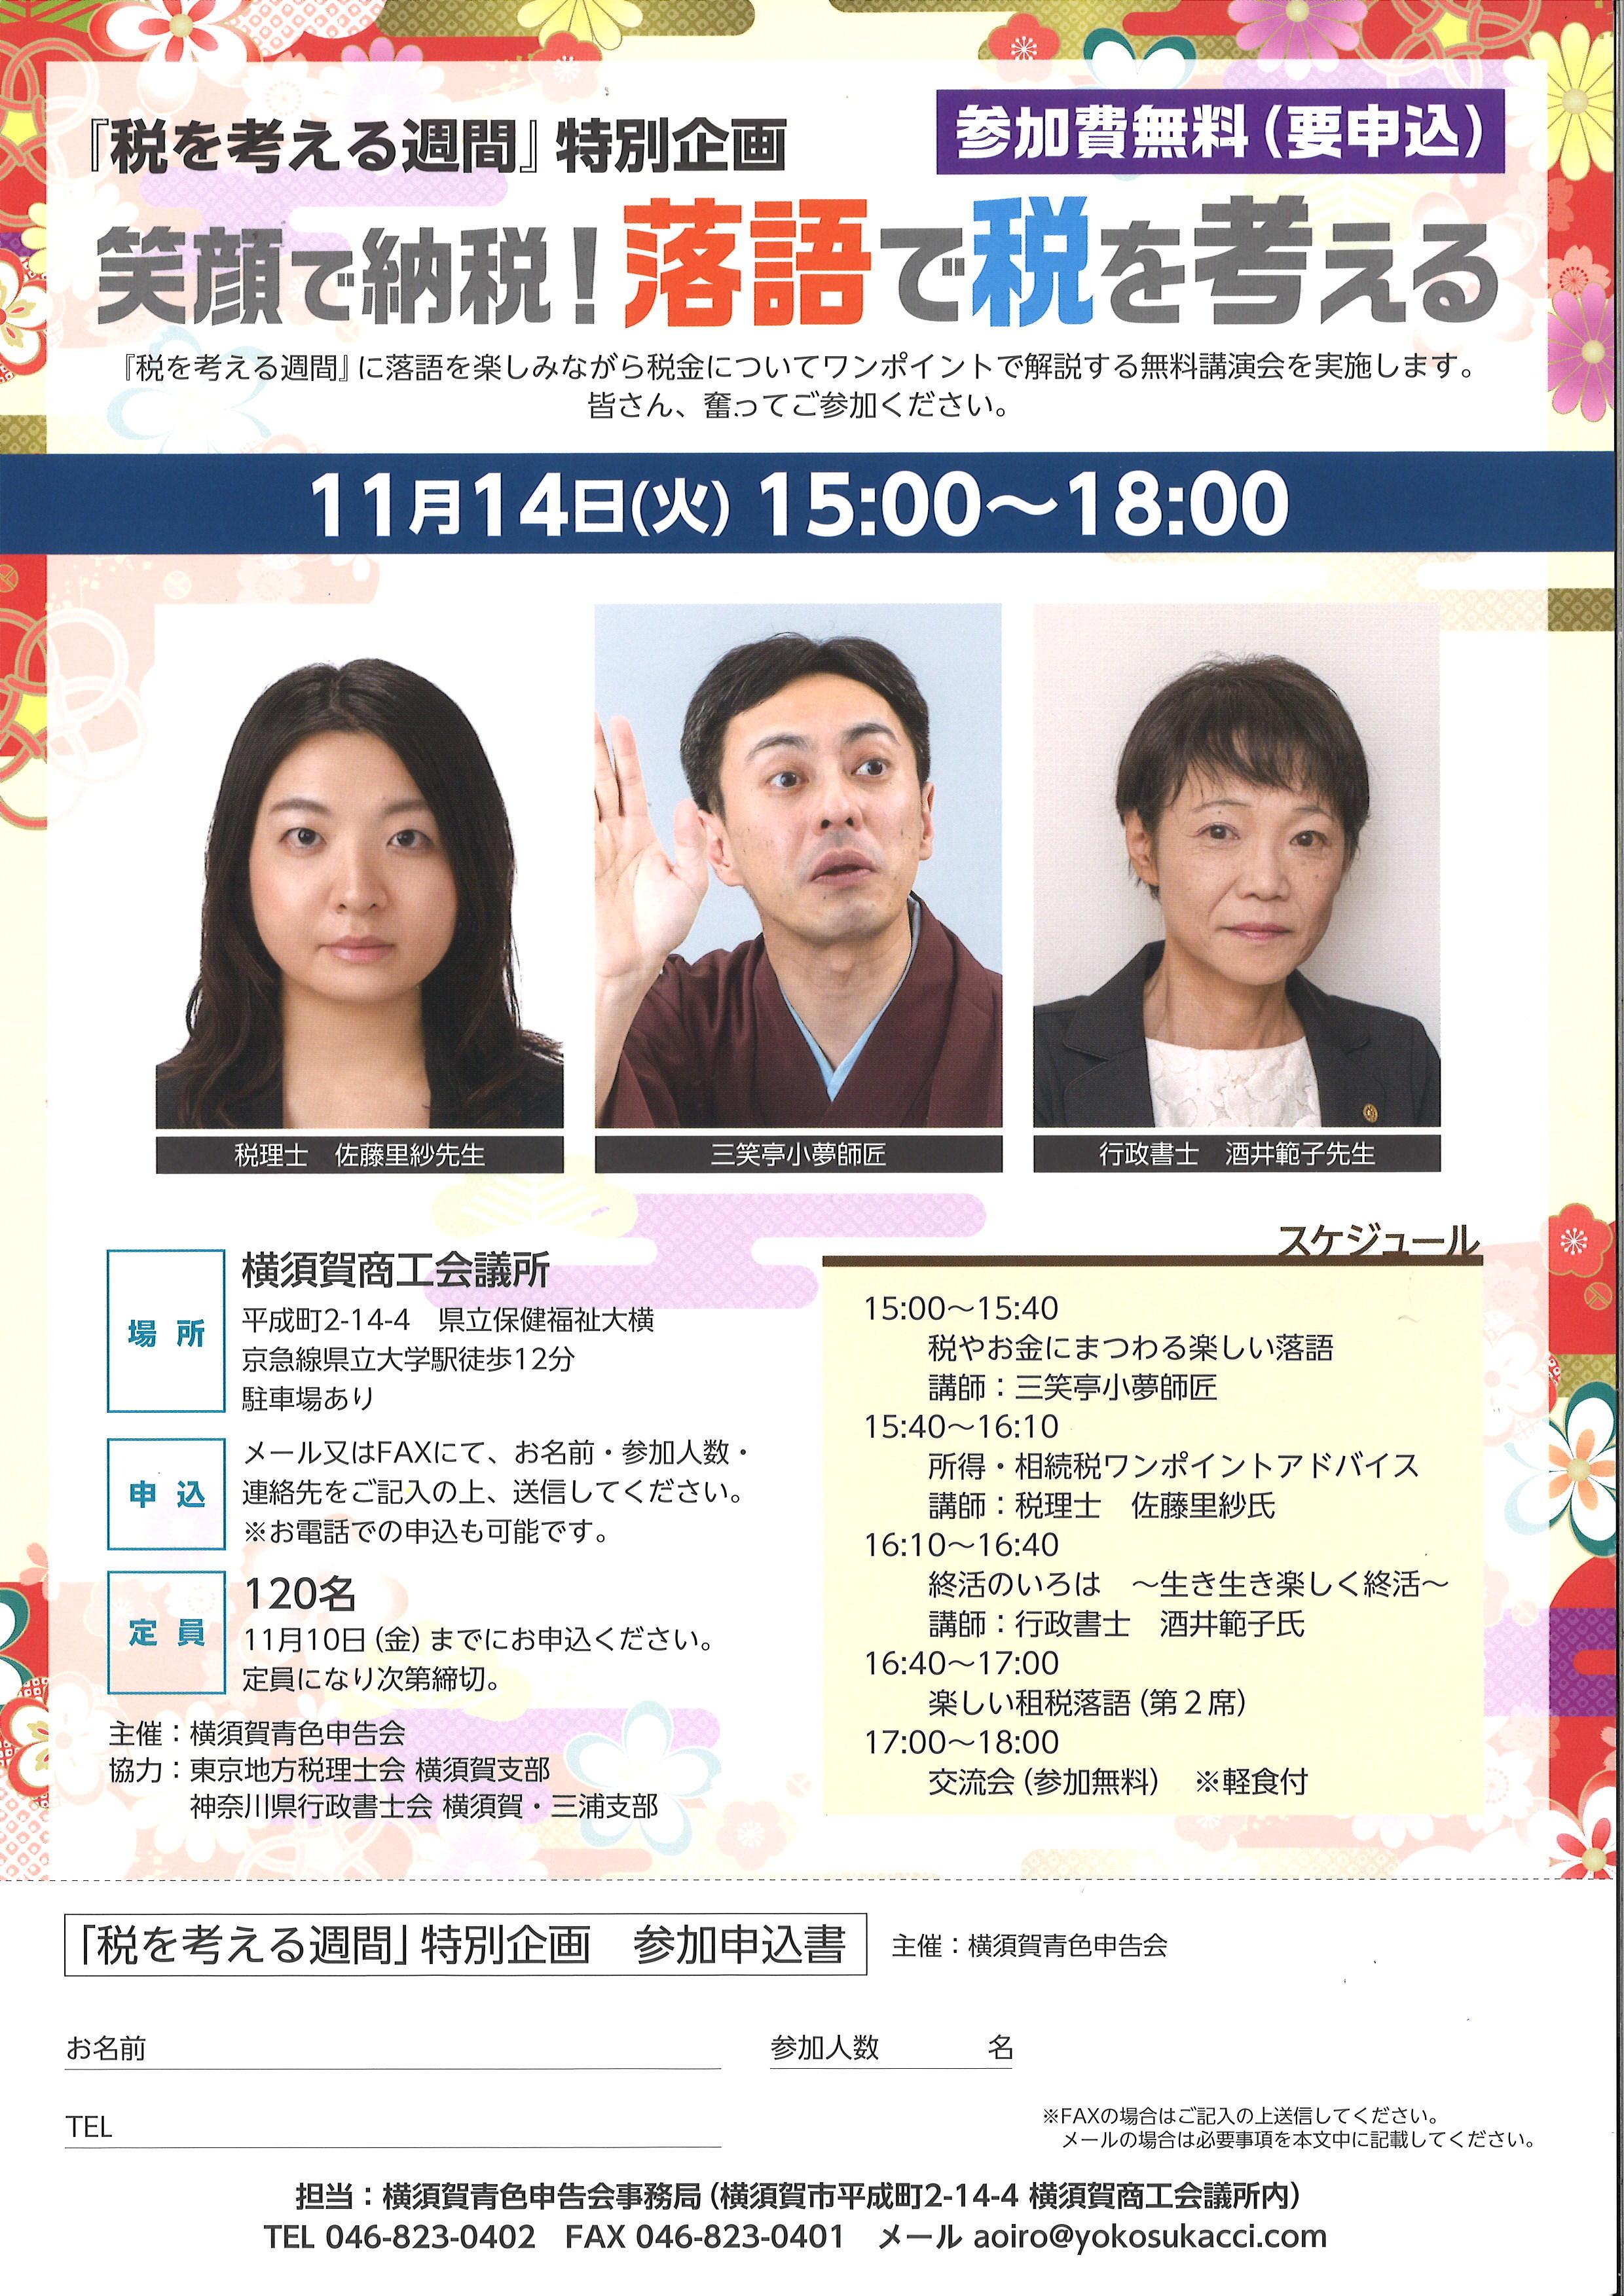 特別企画「笑顔で納税 落語で税を考える」実施(11/14)